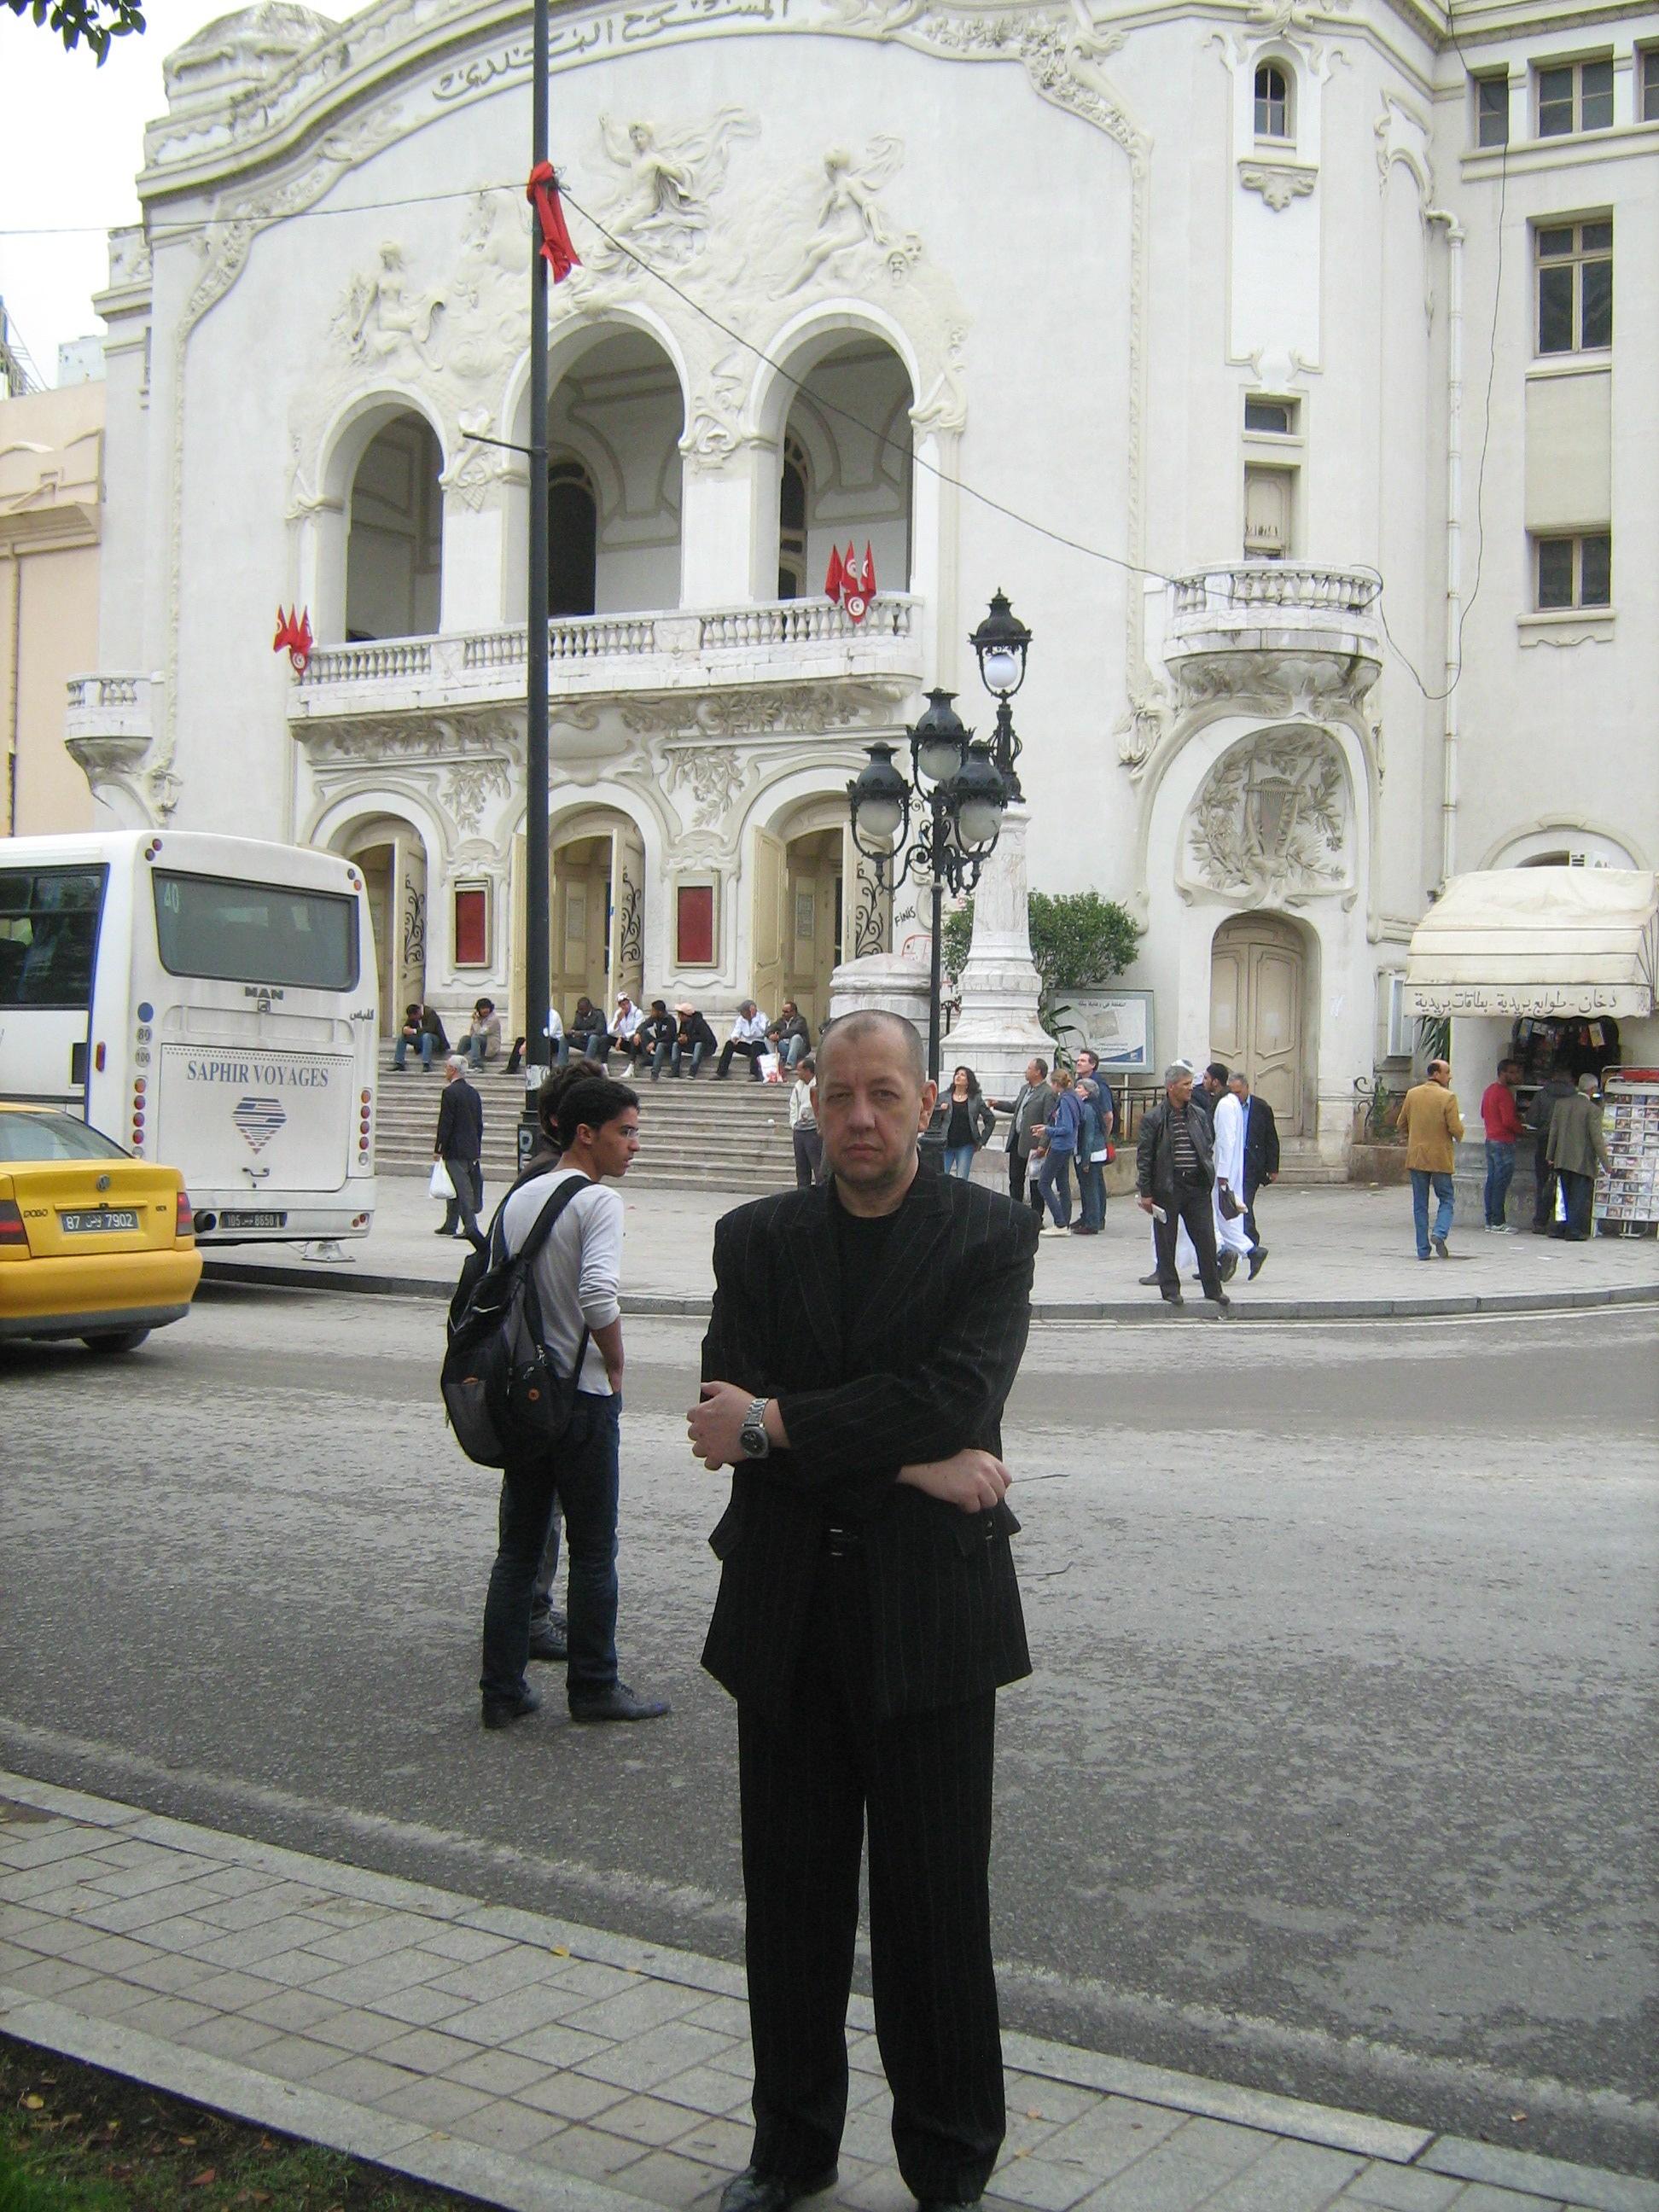 PIH - LM tunisie 2011-2015 (2015 05 22) FR 1